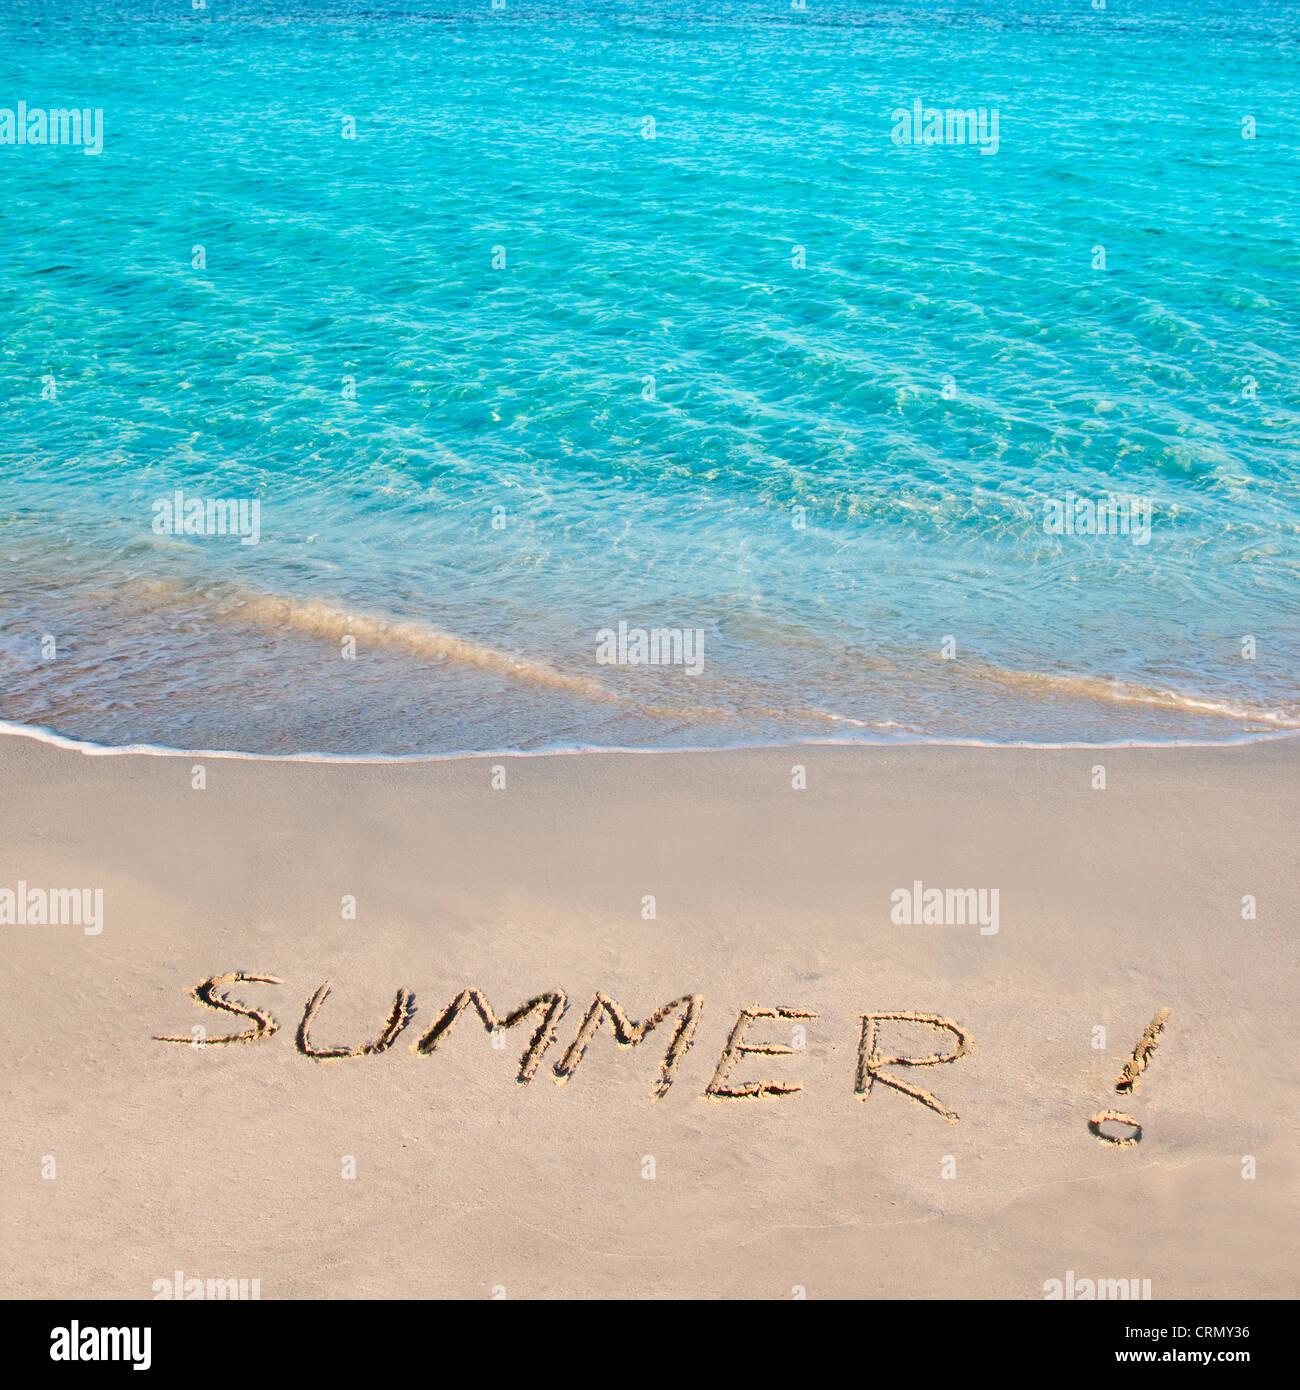 Caribe playa tropical con Verano palabra escrita en la arena Imagen De Stock